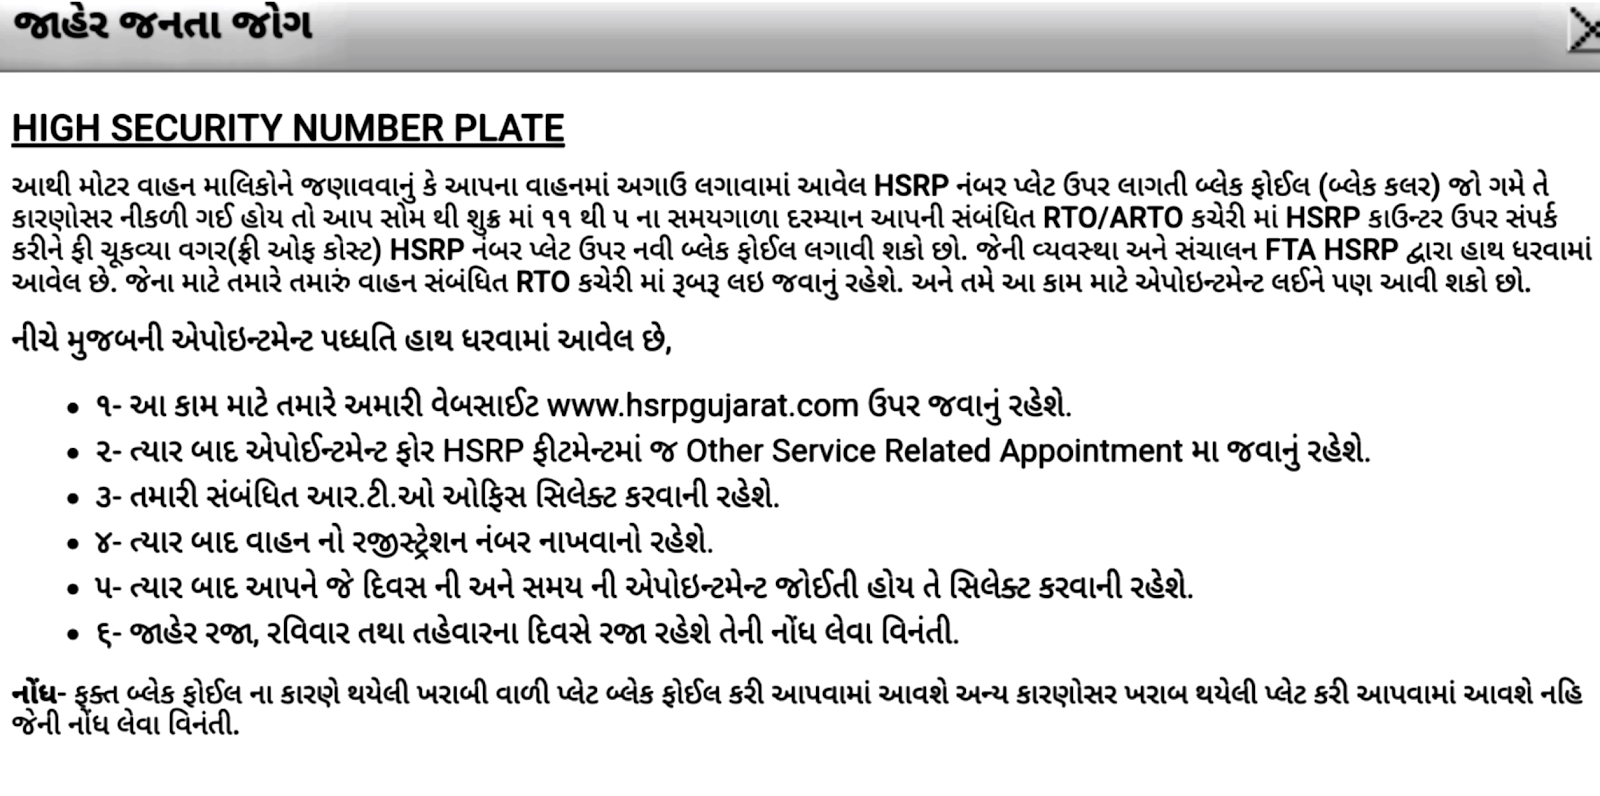 Hsrp number plate pricelist, hsrp,rto